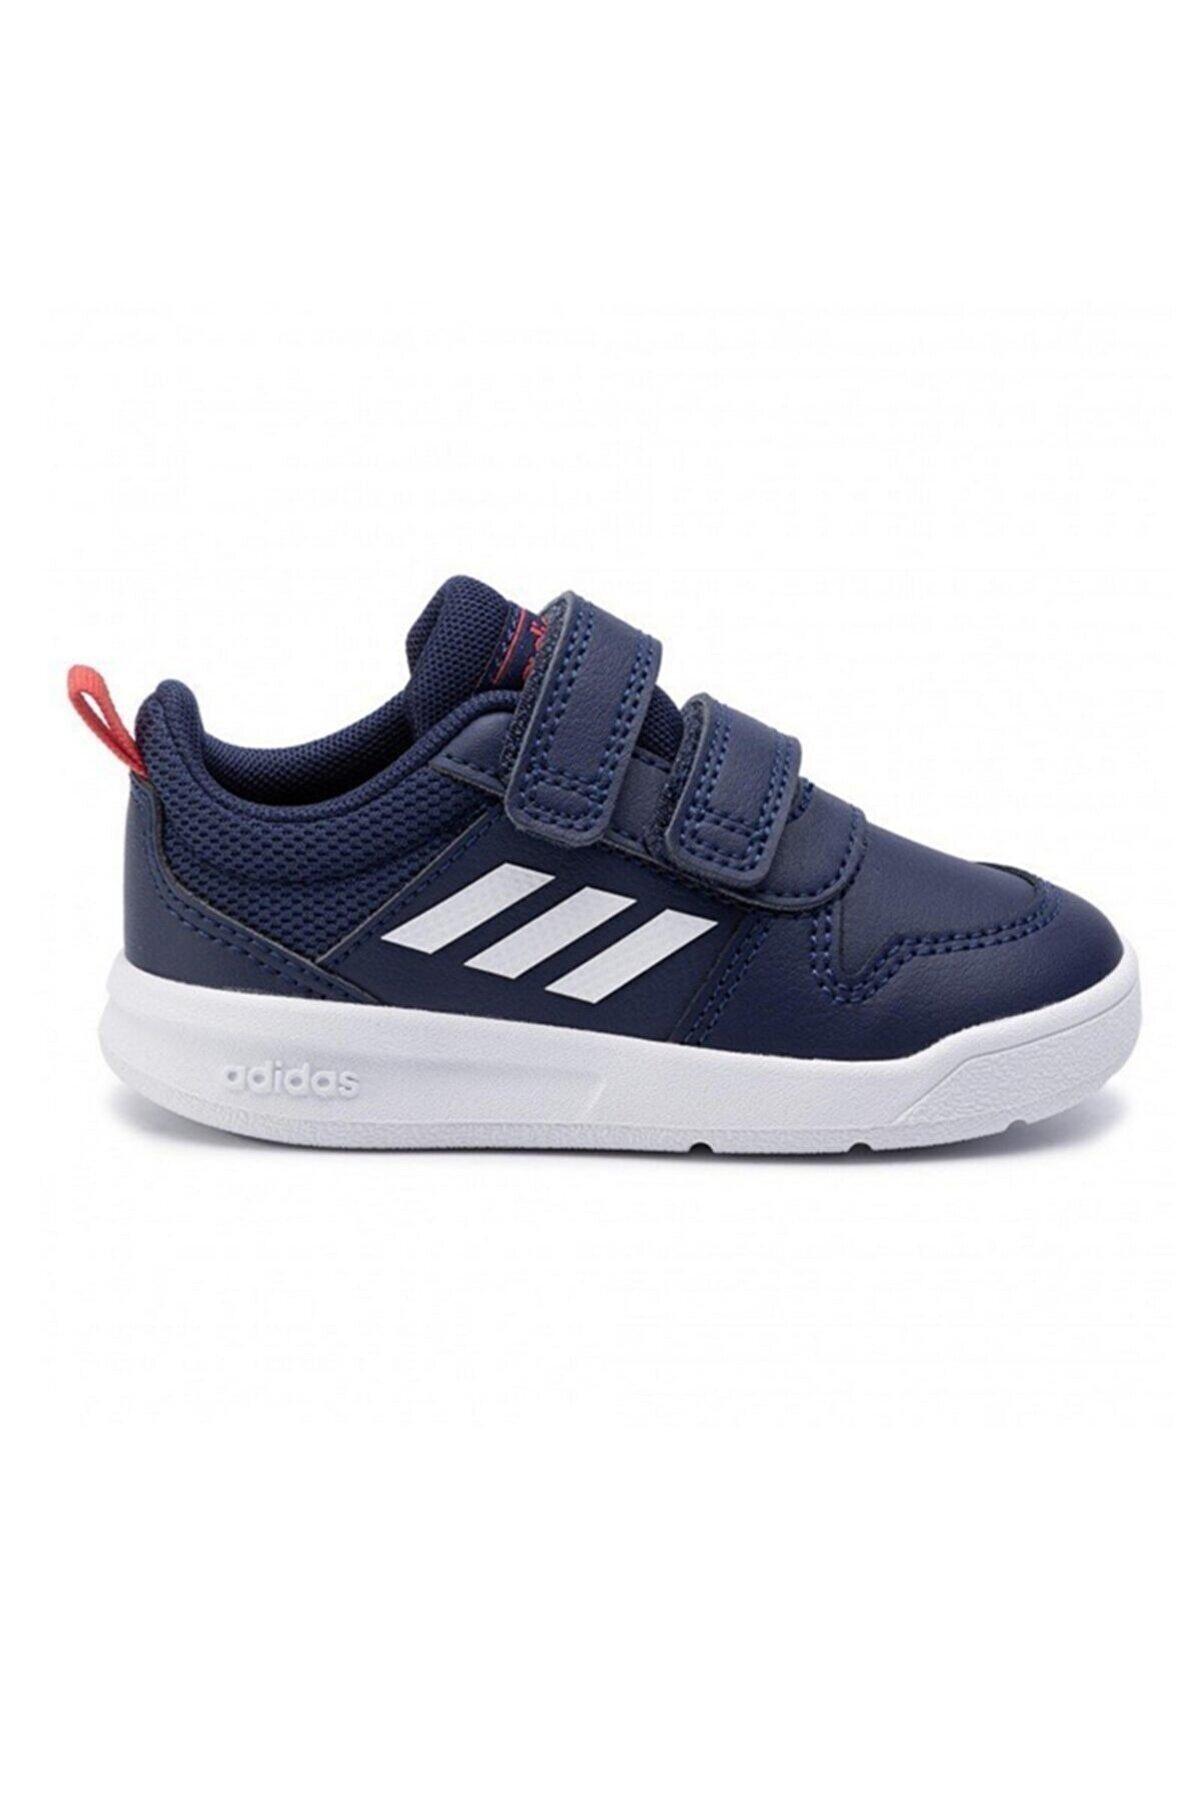 adidas TENSAUR C Mavi Erkek Çocuk Koşu Ayakkabısı 100481639